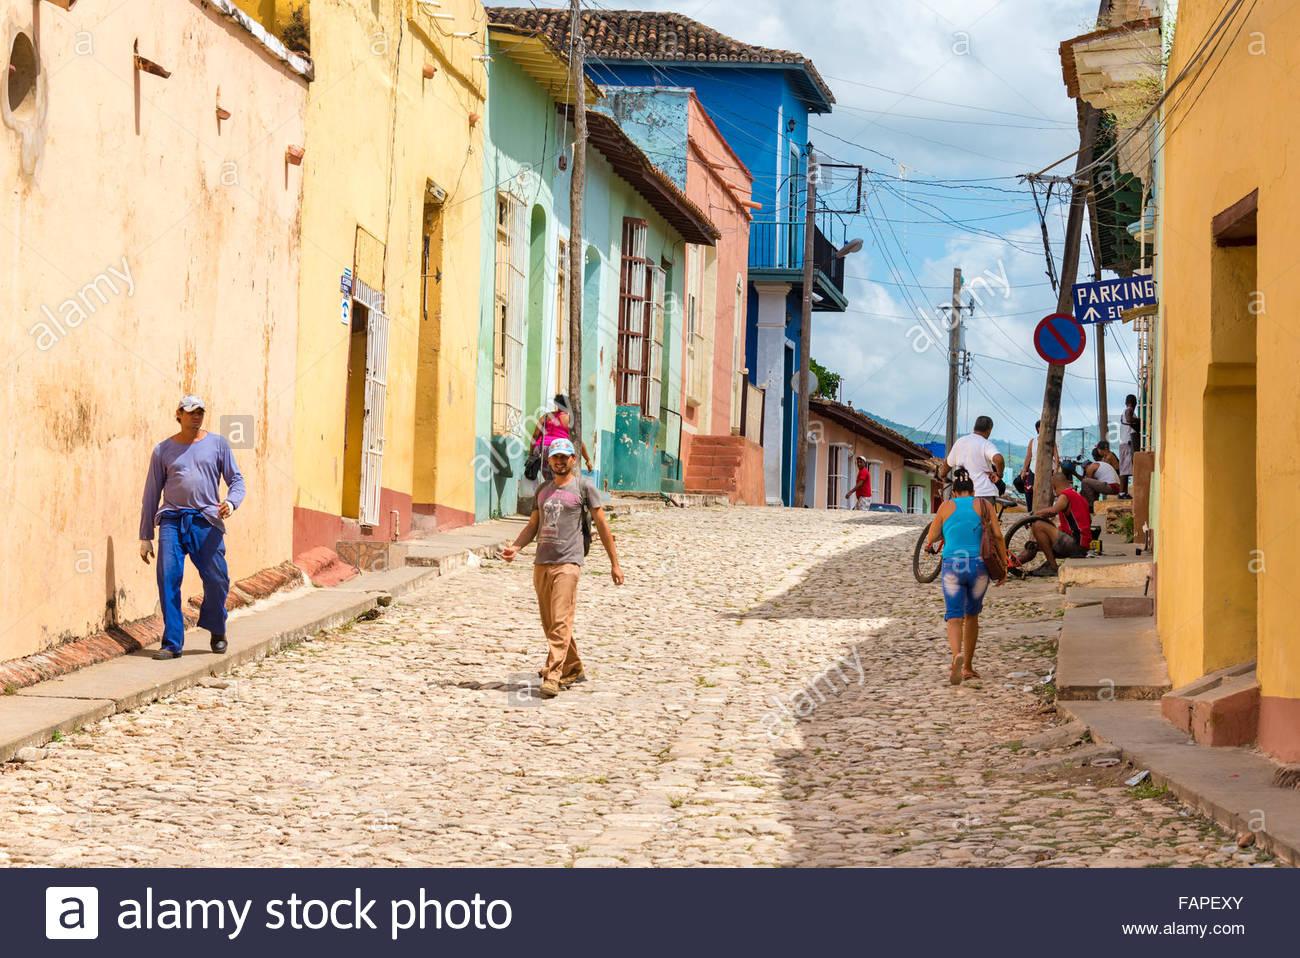 Vista generale della ispanica architettura coloniale e scene di vita quotidiana in Trinidad, Cuba. Trinidad è Immagini Stock